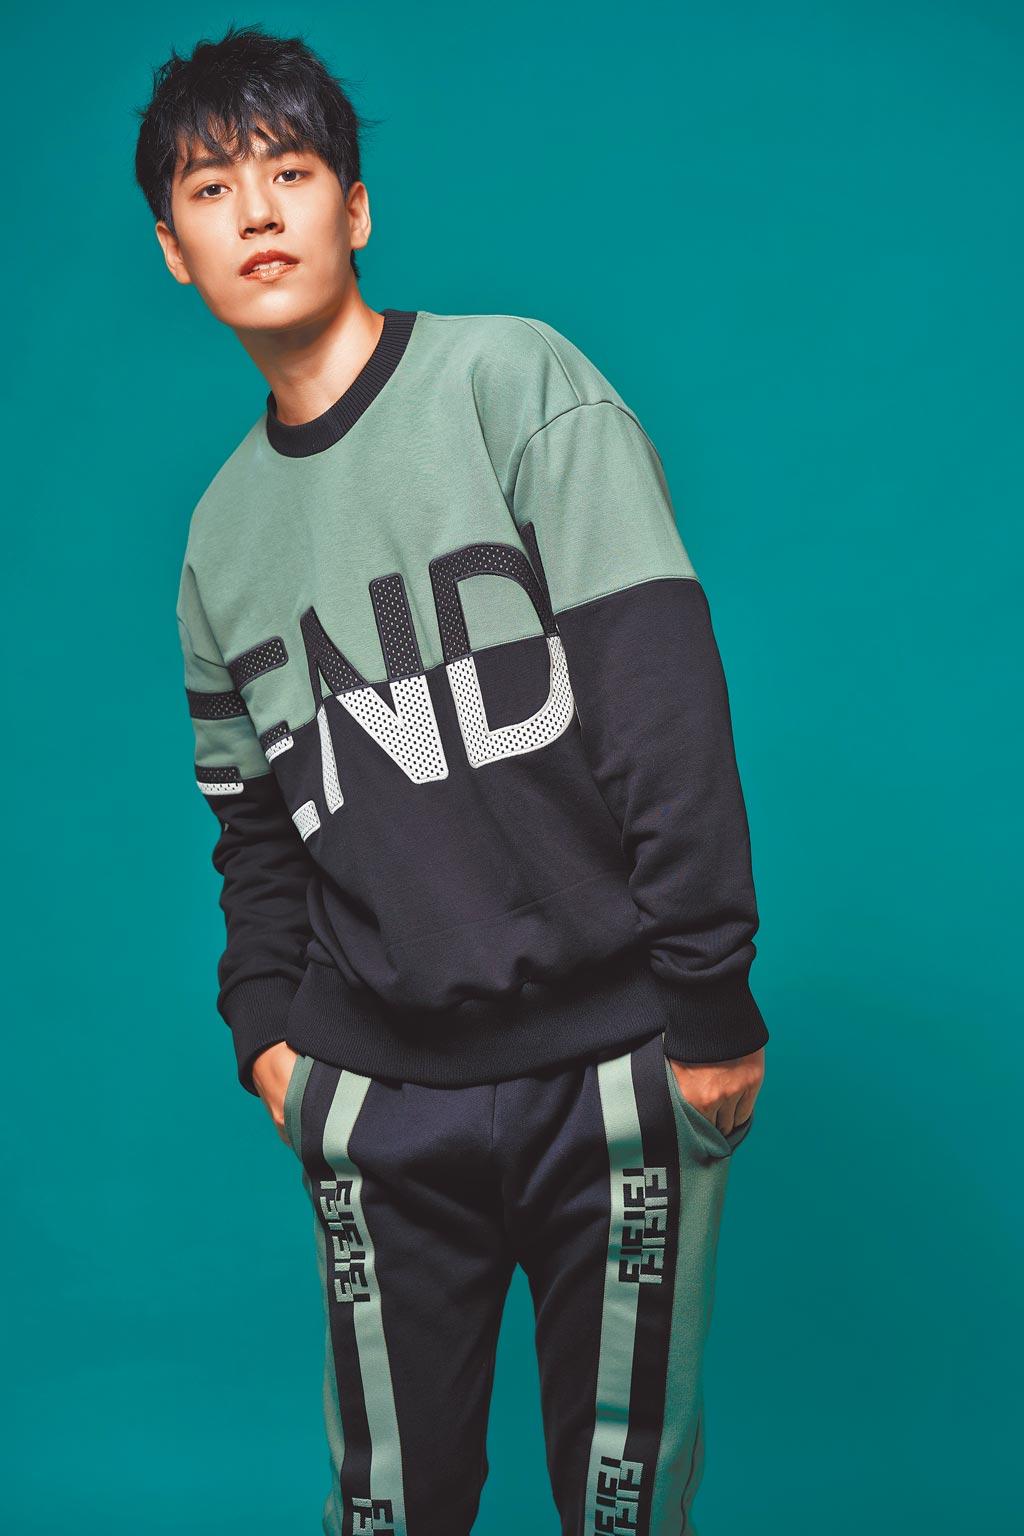 林子閎著Fendi服裝展現街頭帥氣風,Fendi拼色造型衛衣4萬3500元、拚色造型運動褲3萬4900元。(JOJ PHOTO攝)